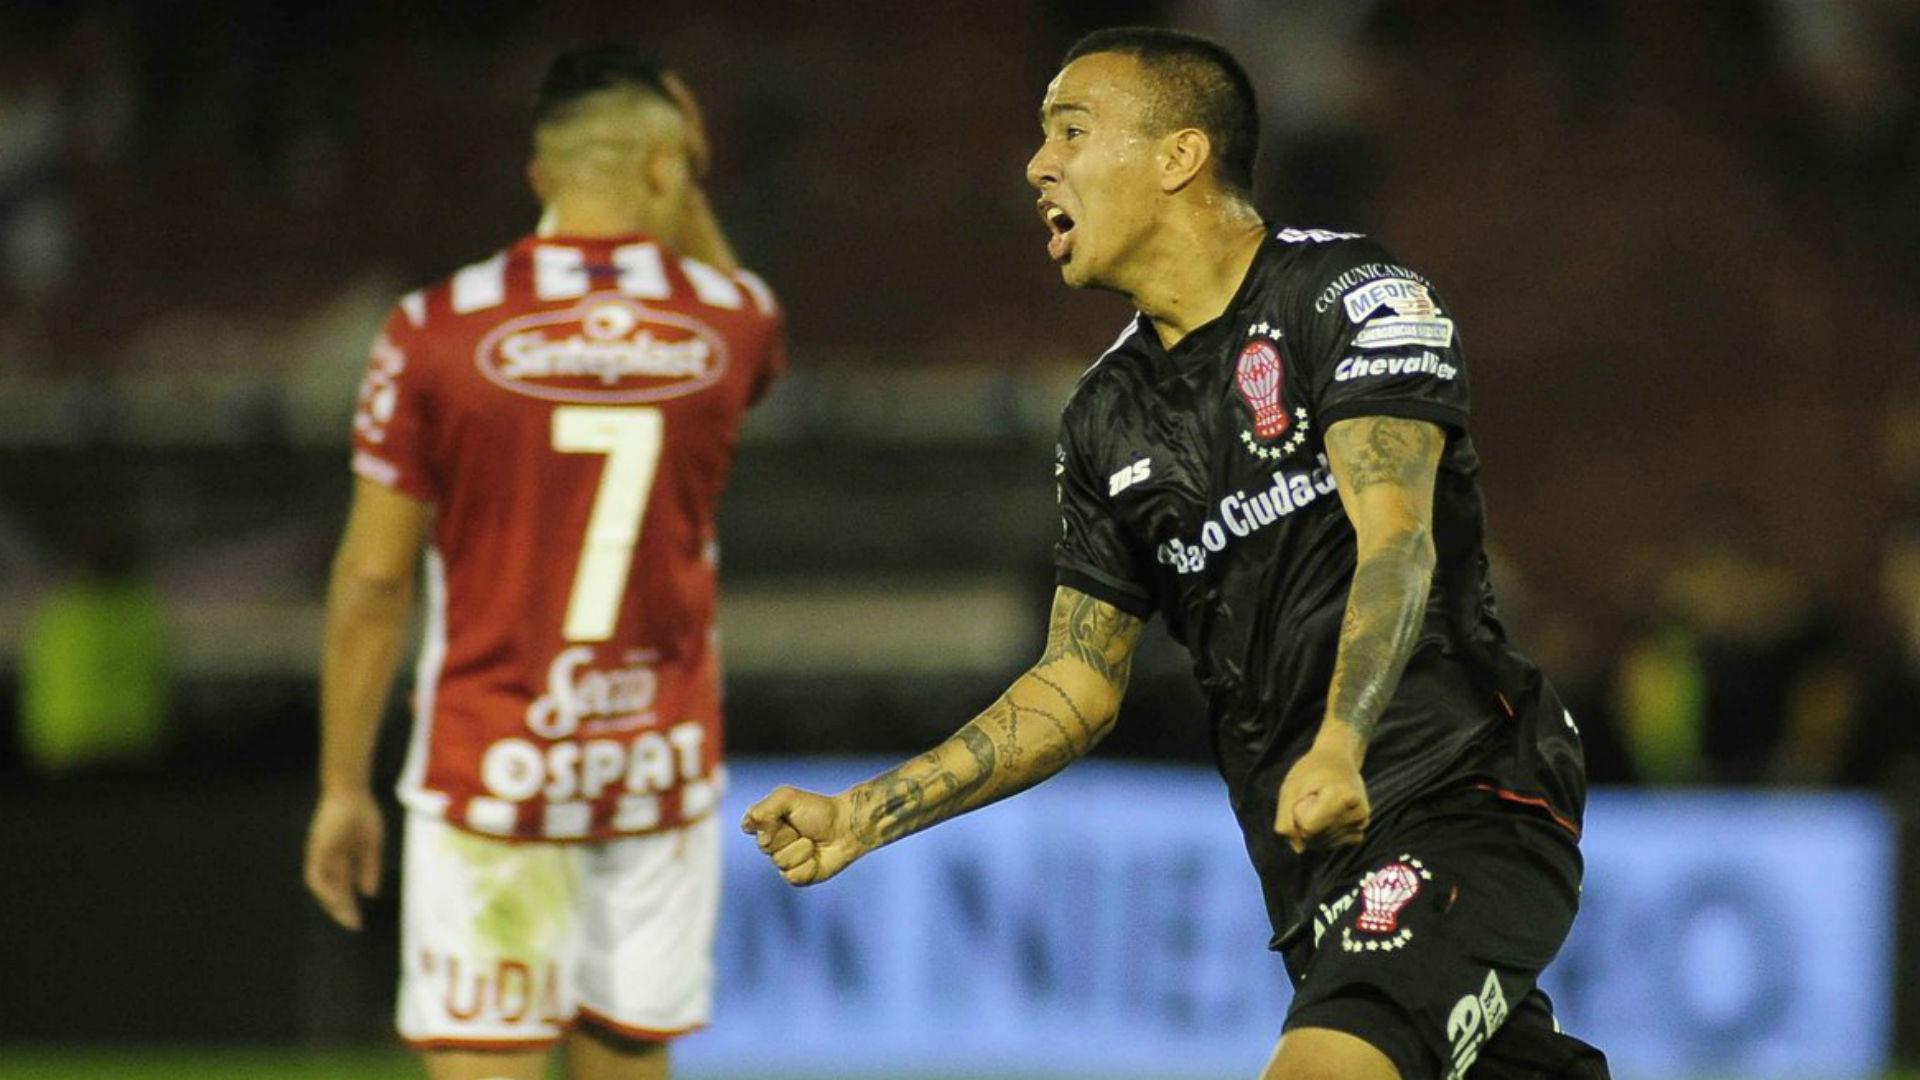 Huracan Union Primera Division Romero Gamarra 16062017